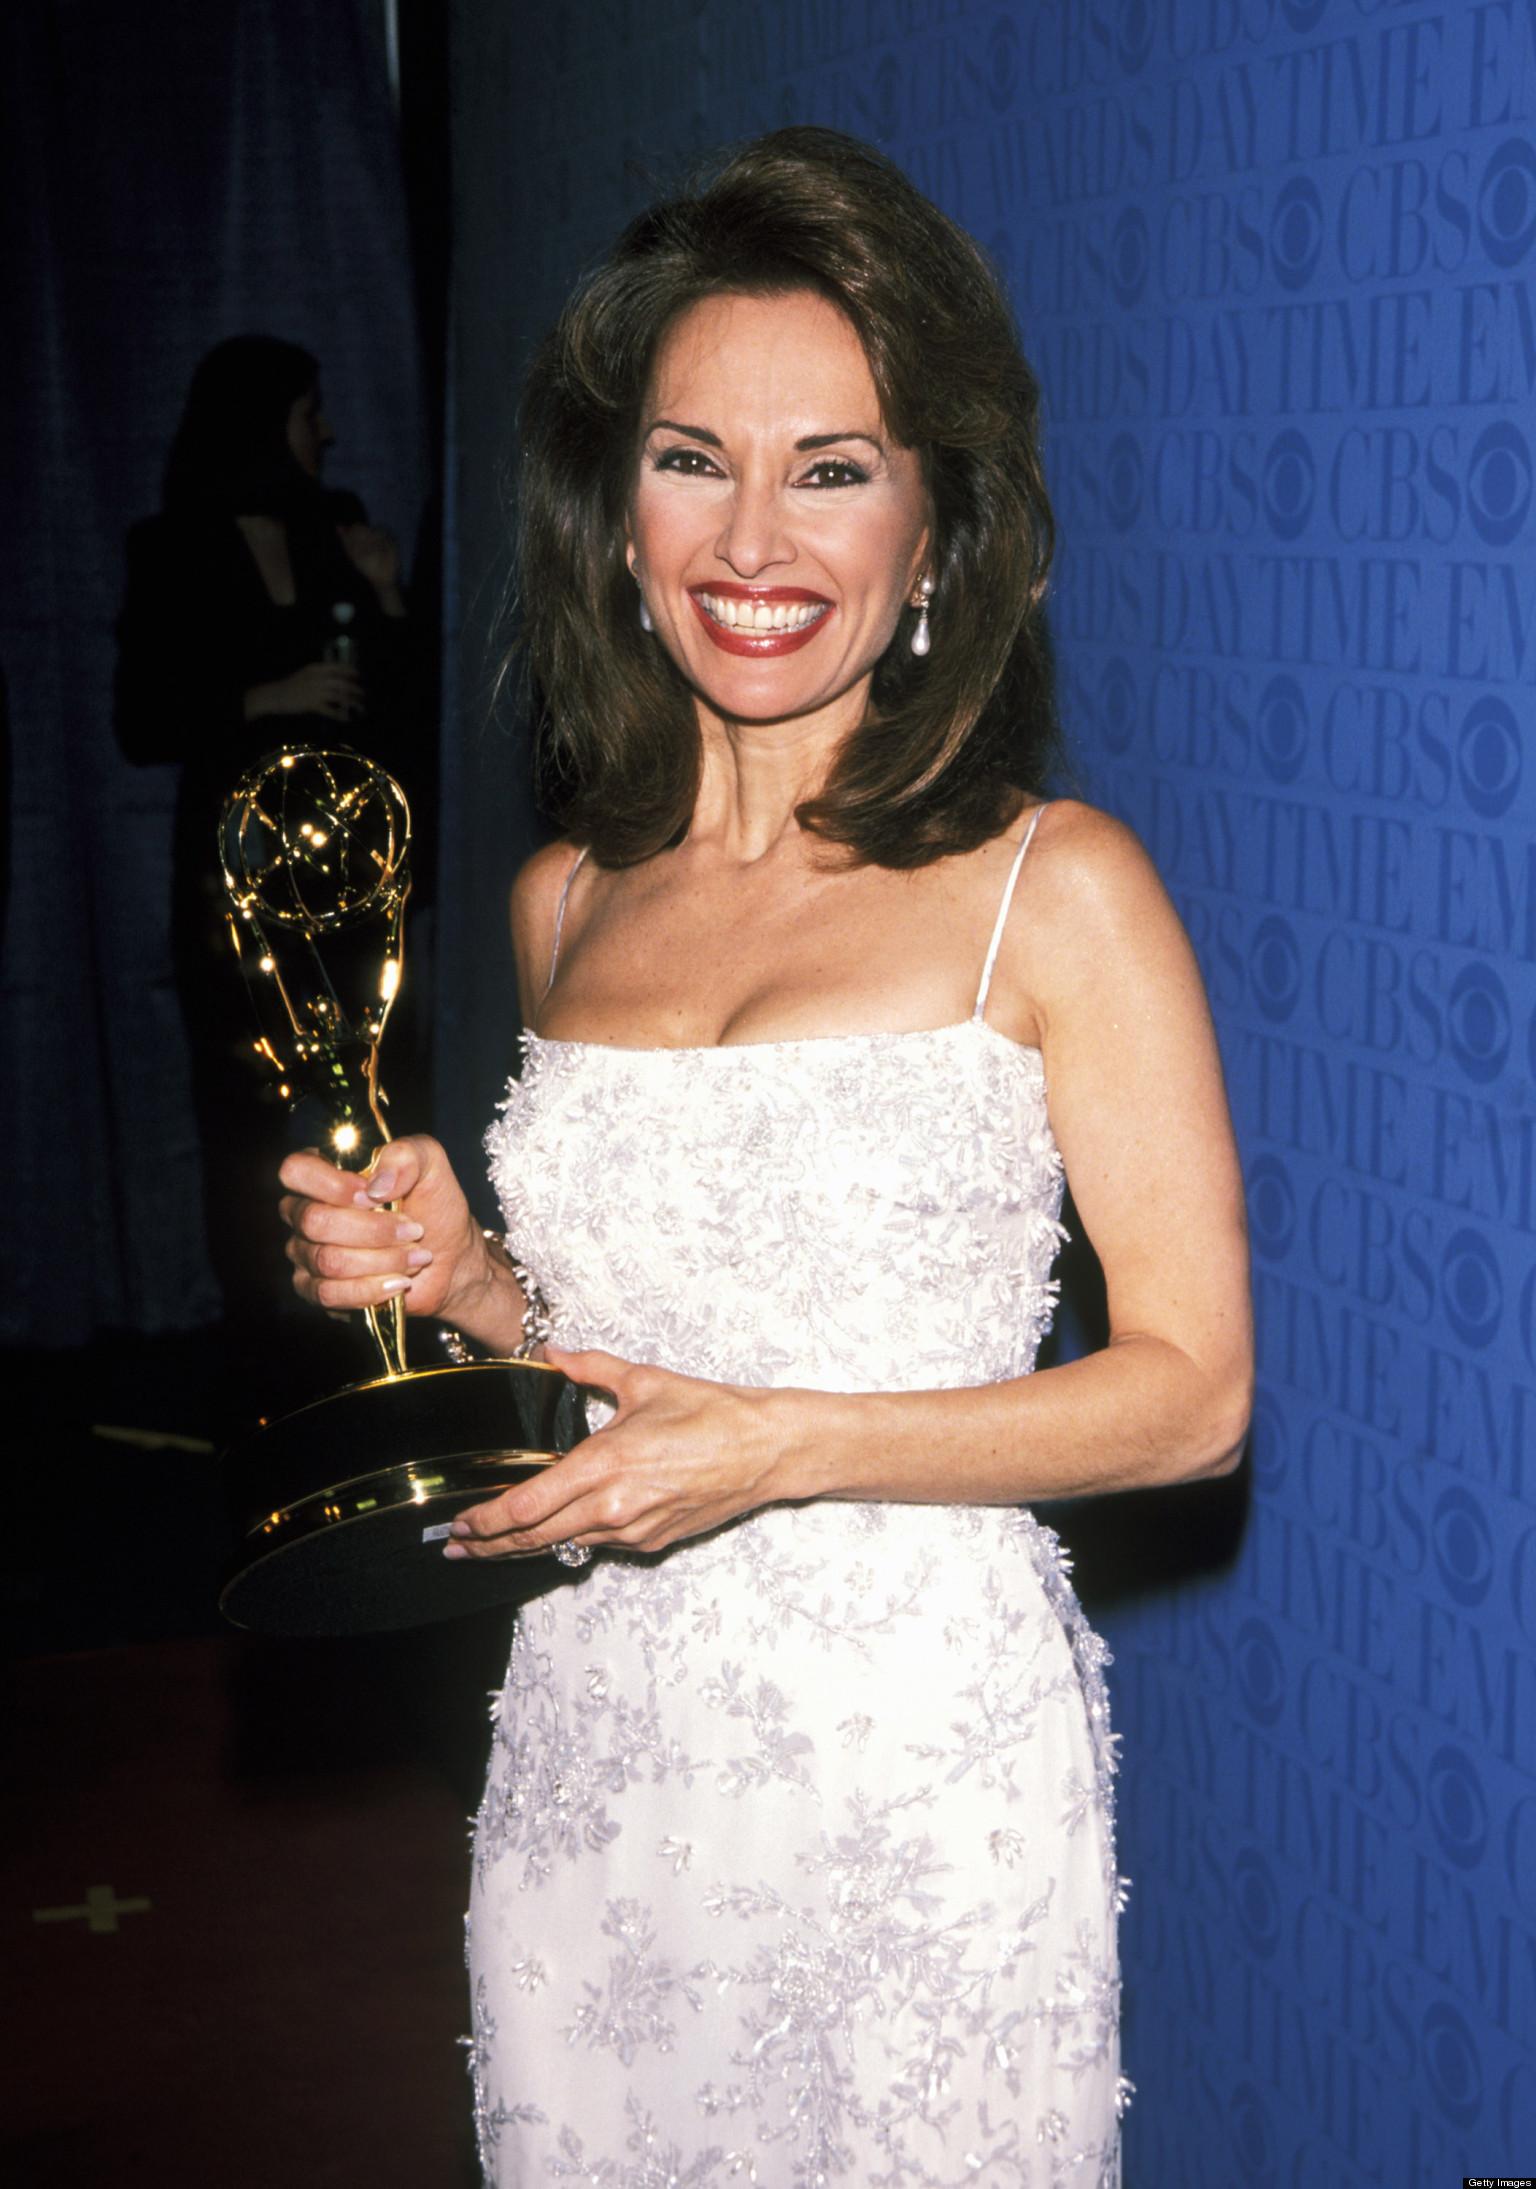 Susan Lucci award